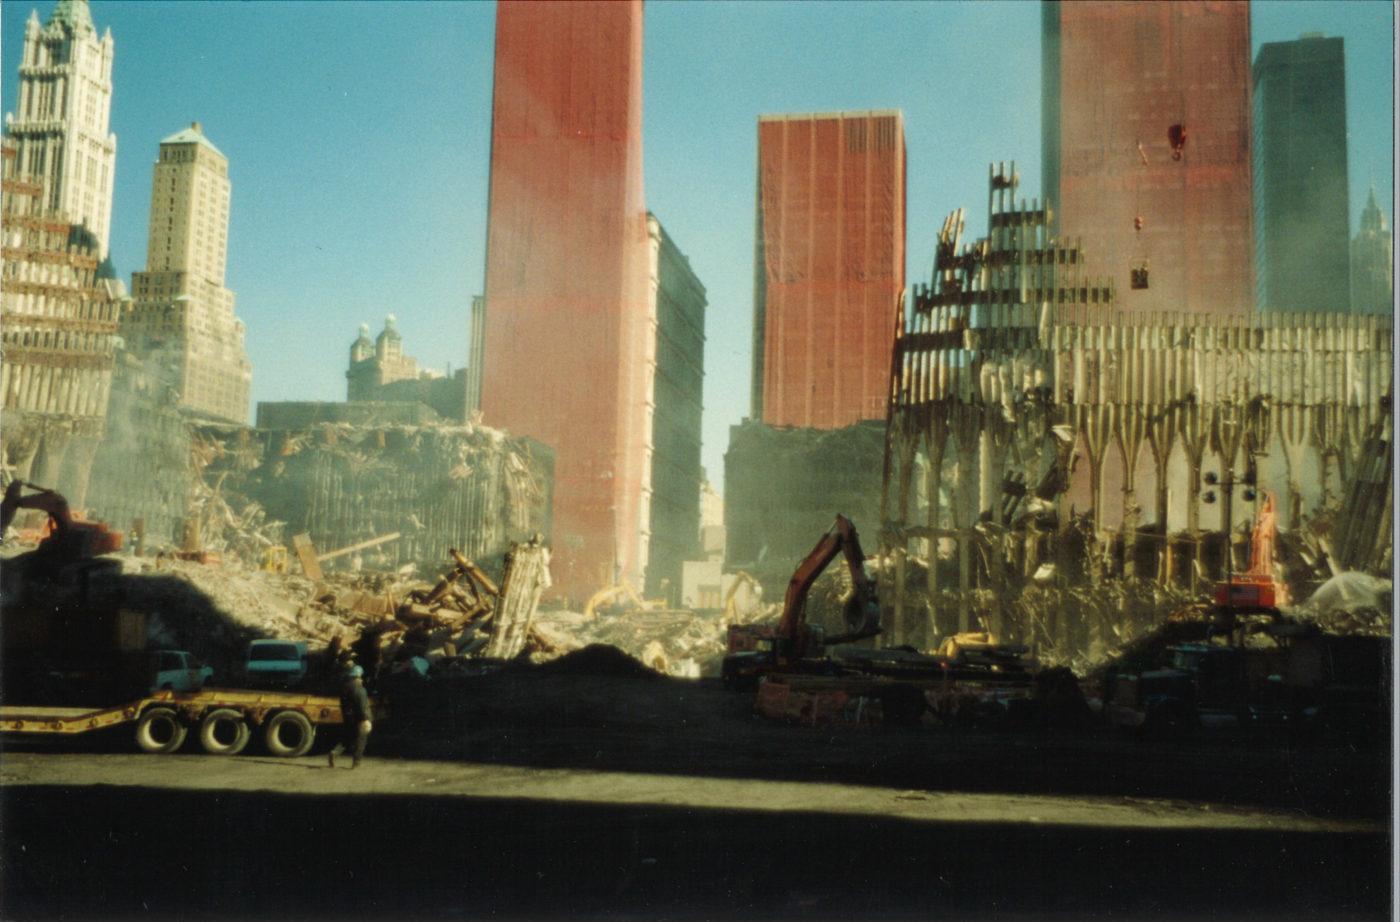 Work to Clear Ground Zero